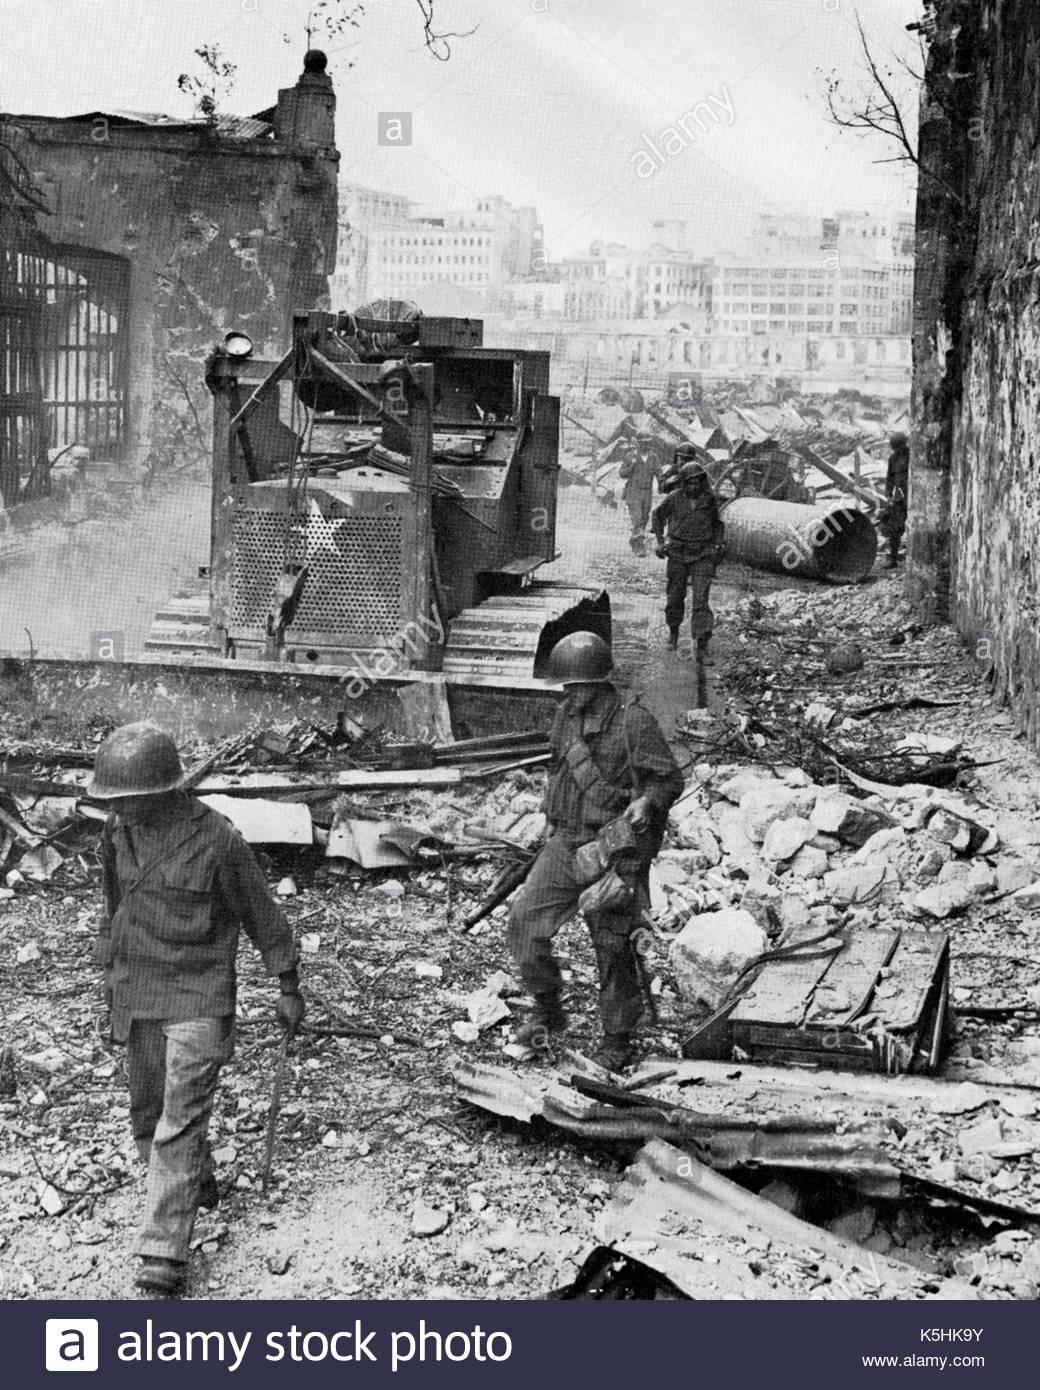 German Soldiers Stalingrad Stock Photos & German Soldiers ...